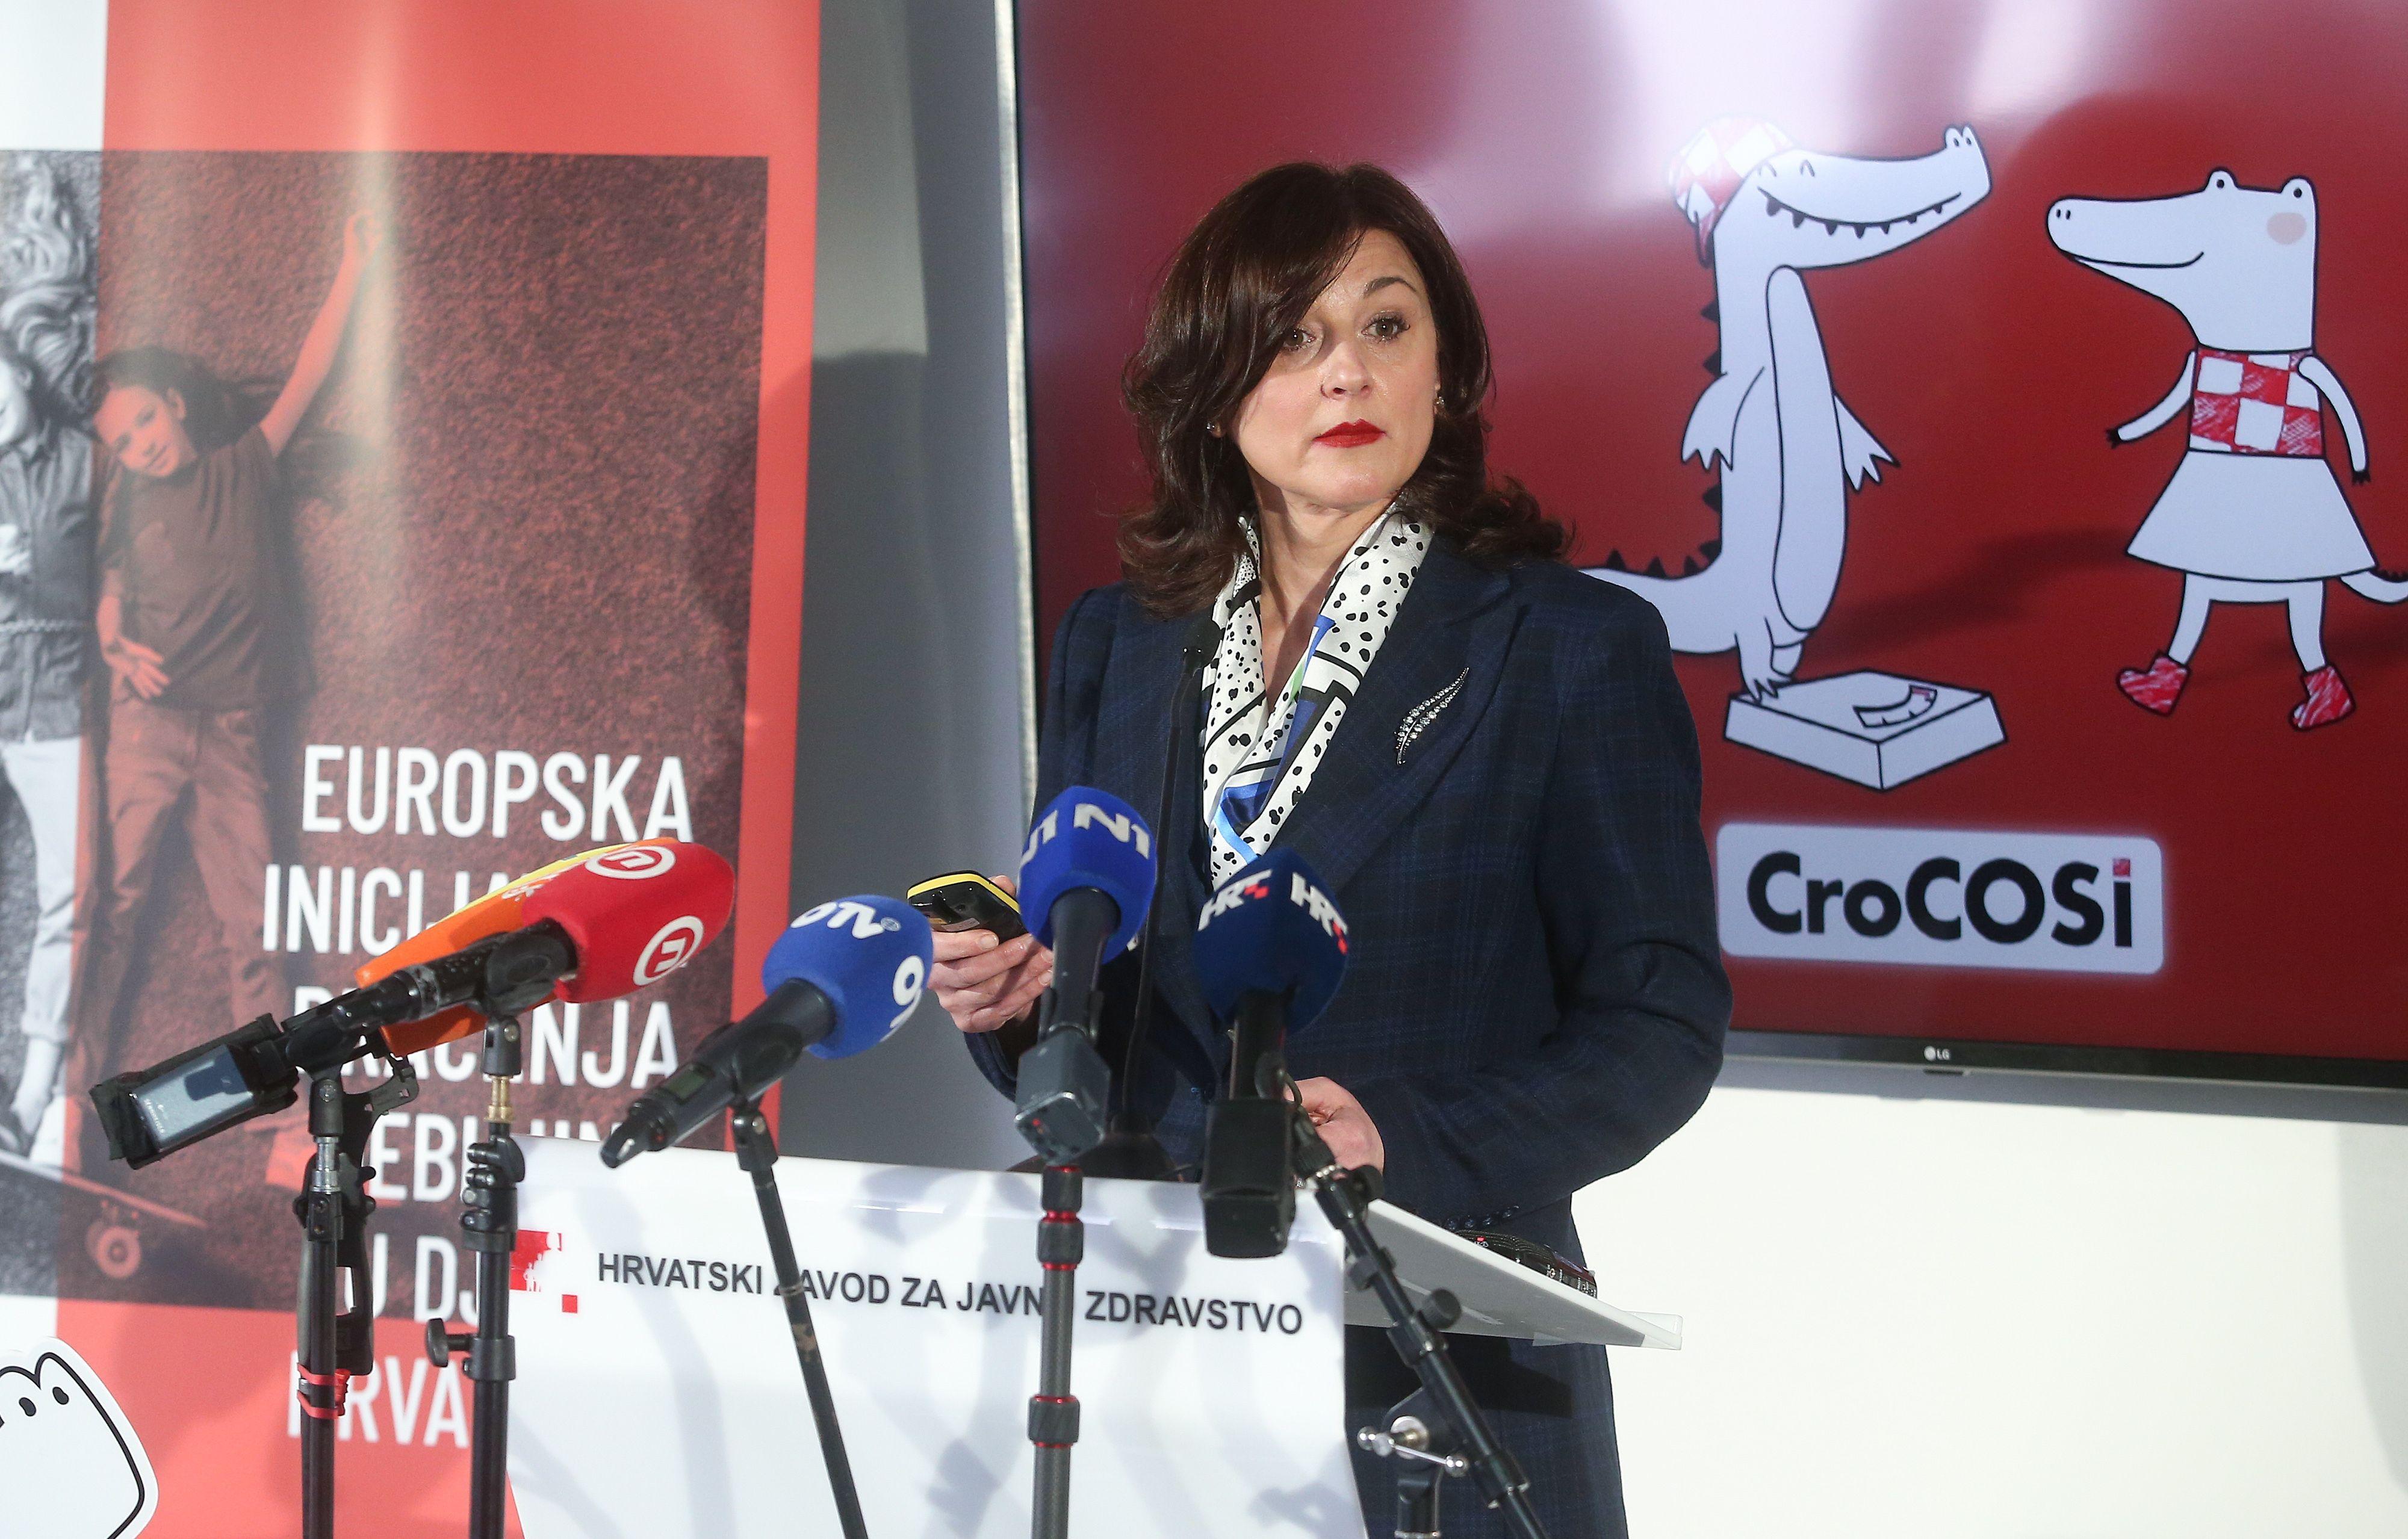 Musić Milanović odvažno kombinira različite uzorke, modna savjetnica objasnila što to otkriva